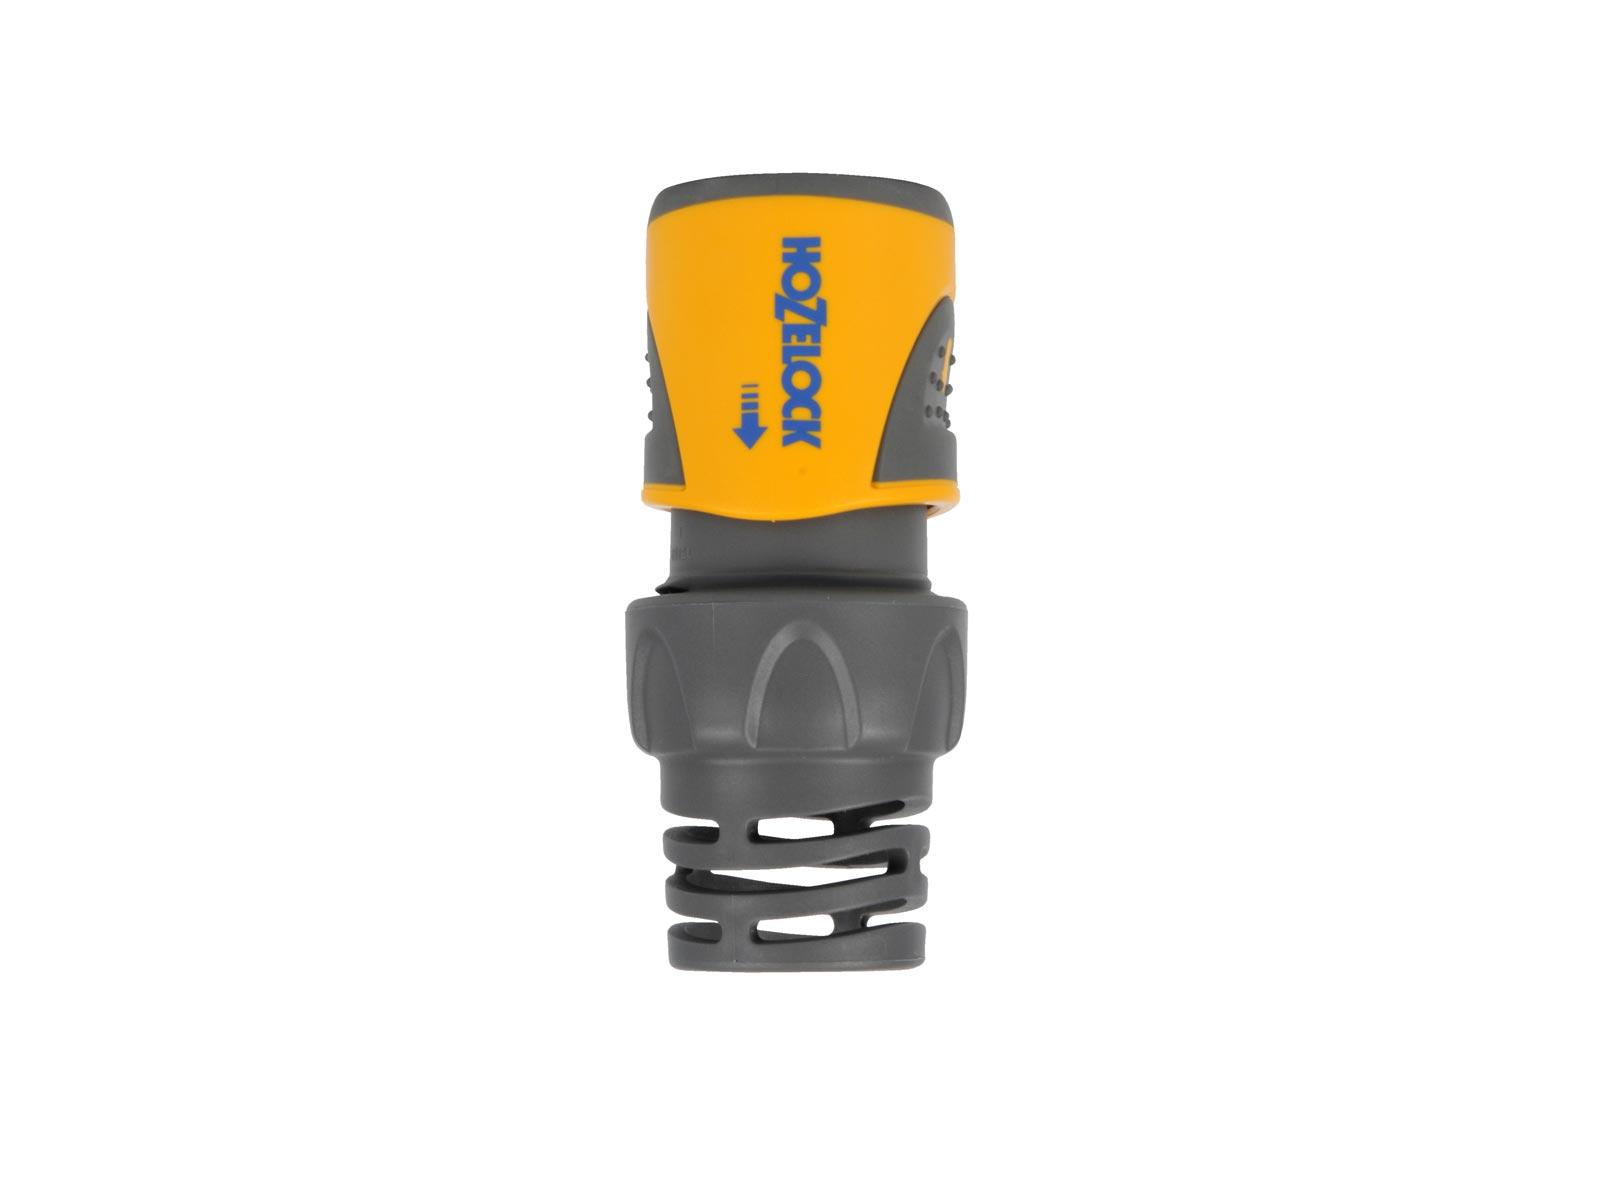 """Коннектор шланга Hozelock """"Plus"""" 2060 для концов шланга, 3/4"""", желтый, серый"""